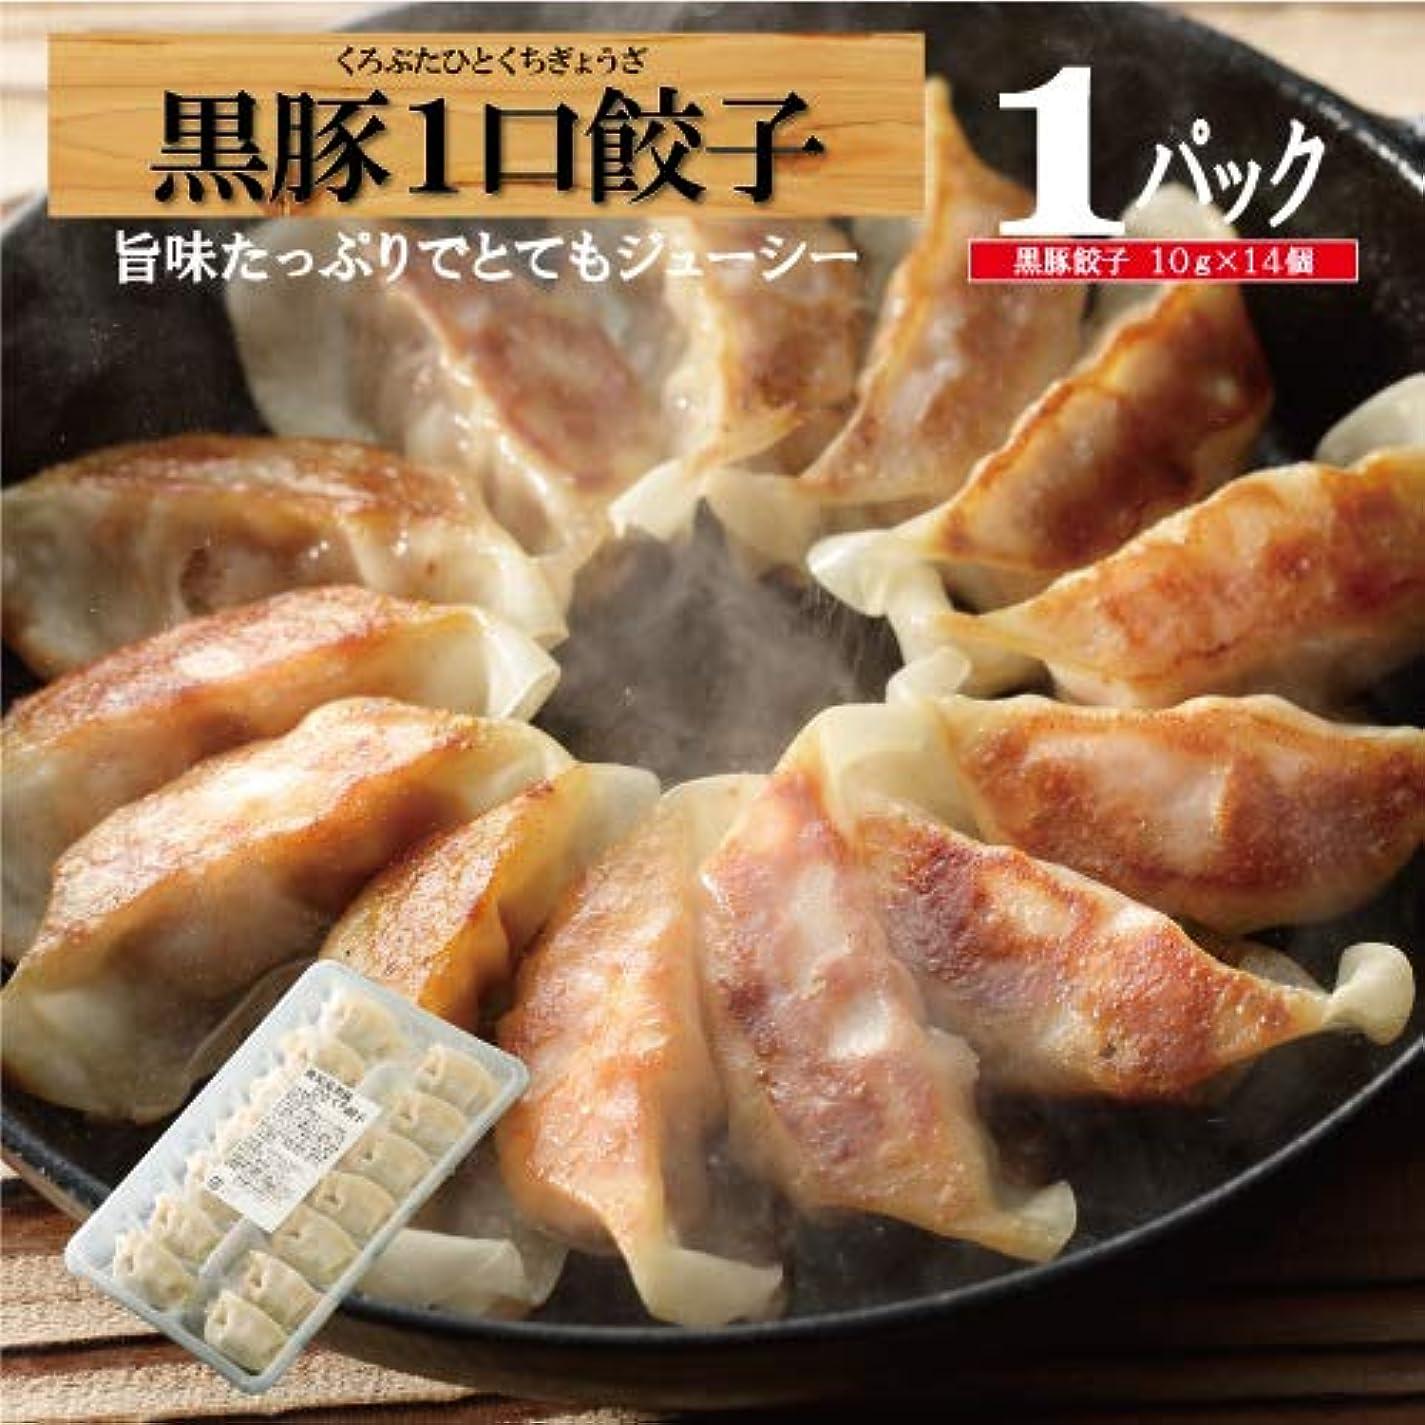 高原二悲しい黒豚1口餃子14個入り 1パック /黒豚1口餃子/